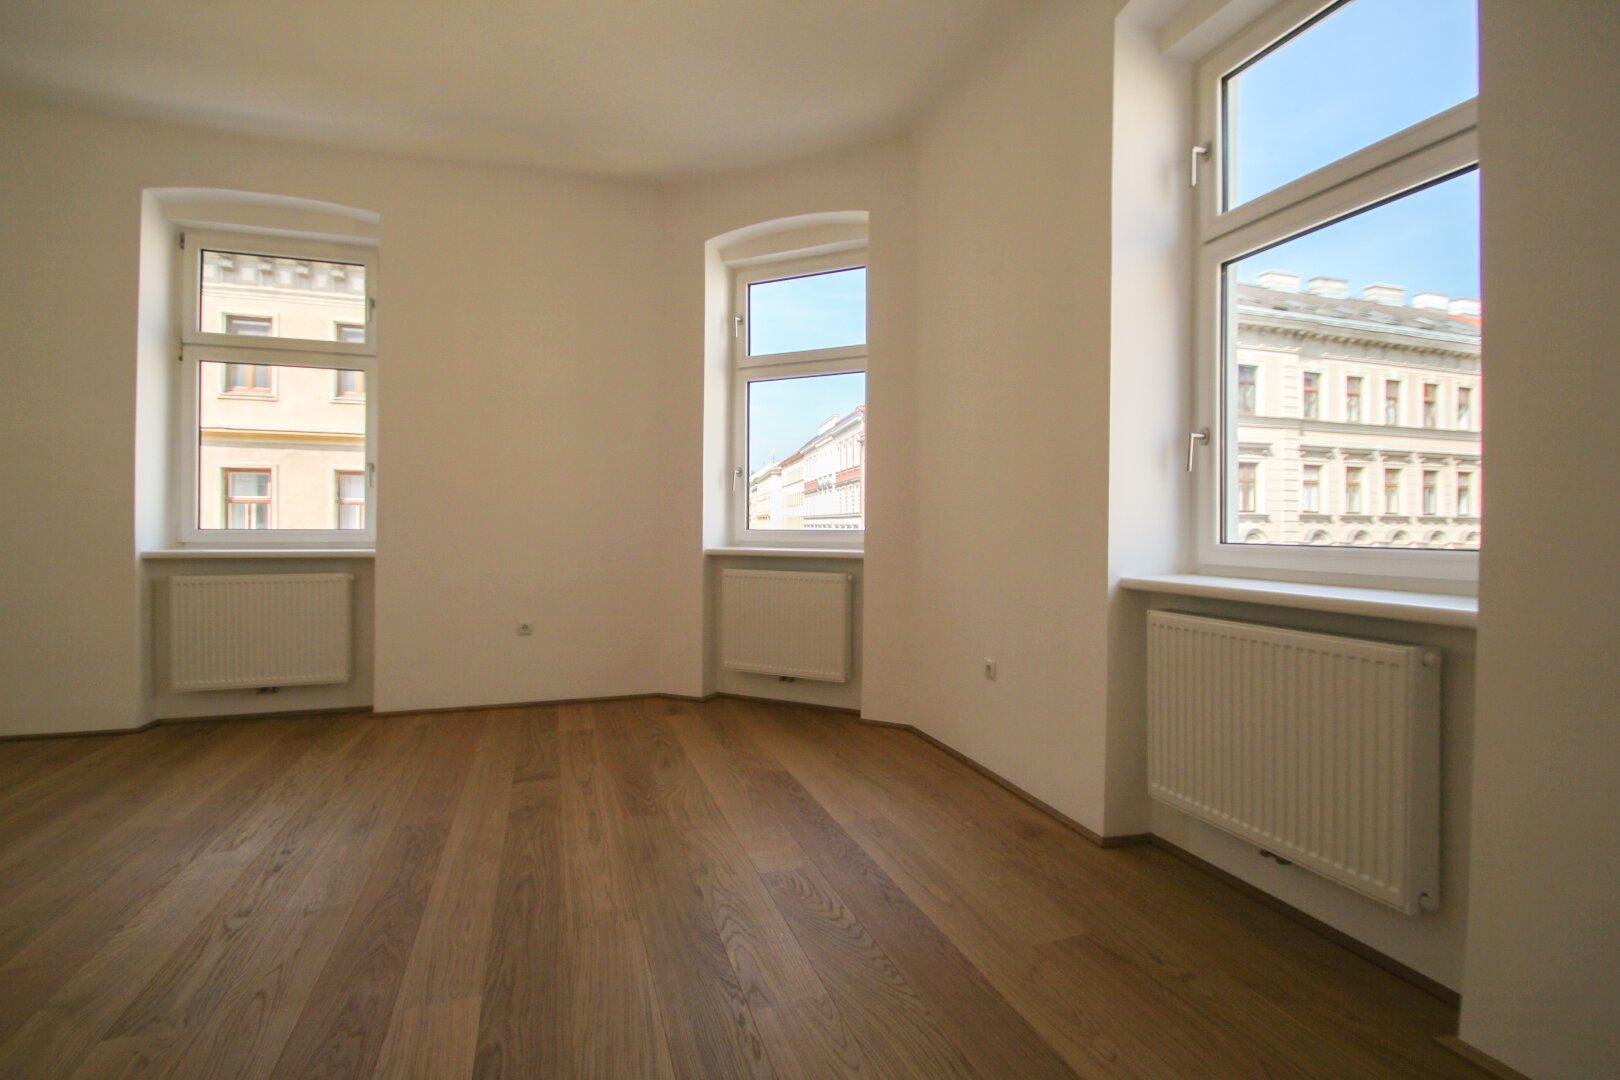 ++ Altbau-Highlight in Währing ++ Erstbezugs-Wohnungen in wunderschönem Eckzinhaus (Projektansicht)